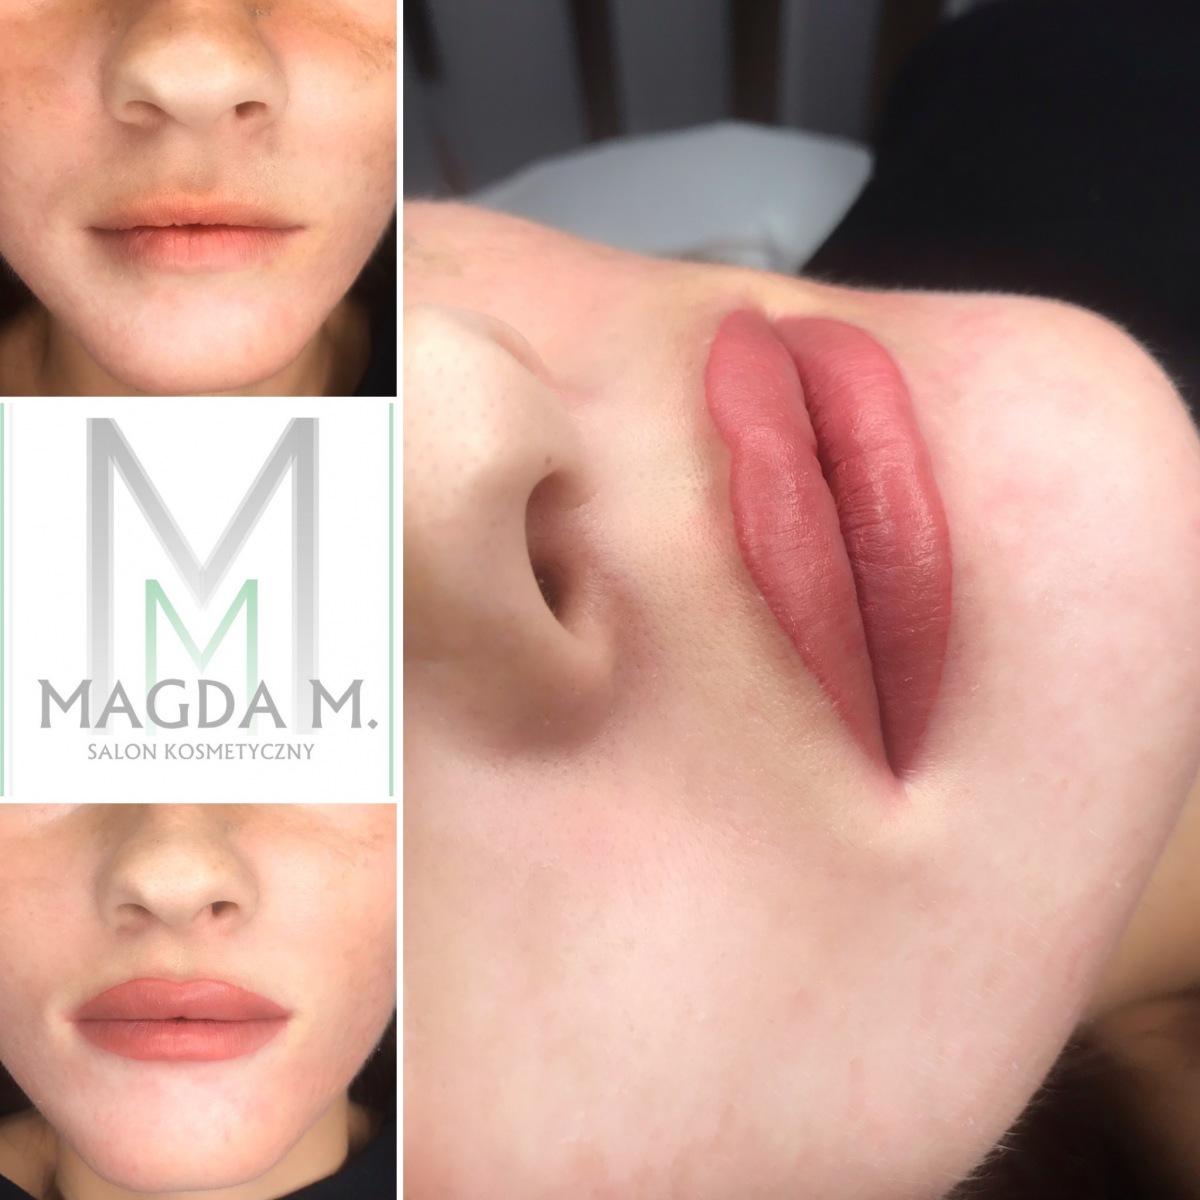 makijaż permanentny - Magdalena Matyga - Kruk - Świdnica, ul. Wrocławska 14, 58-100 Świdnica - Jedna z najlepszych makijażystek na dolnym śląsku.